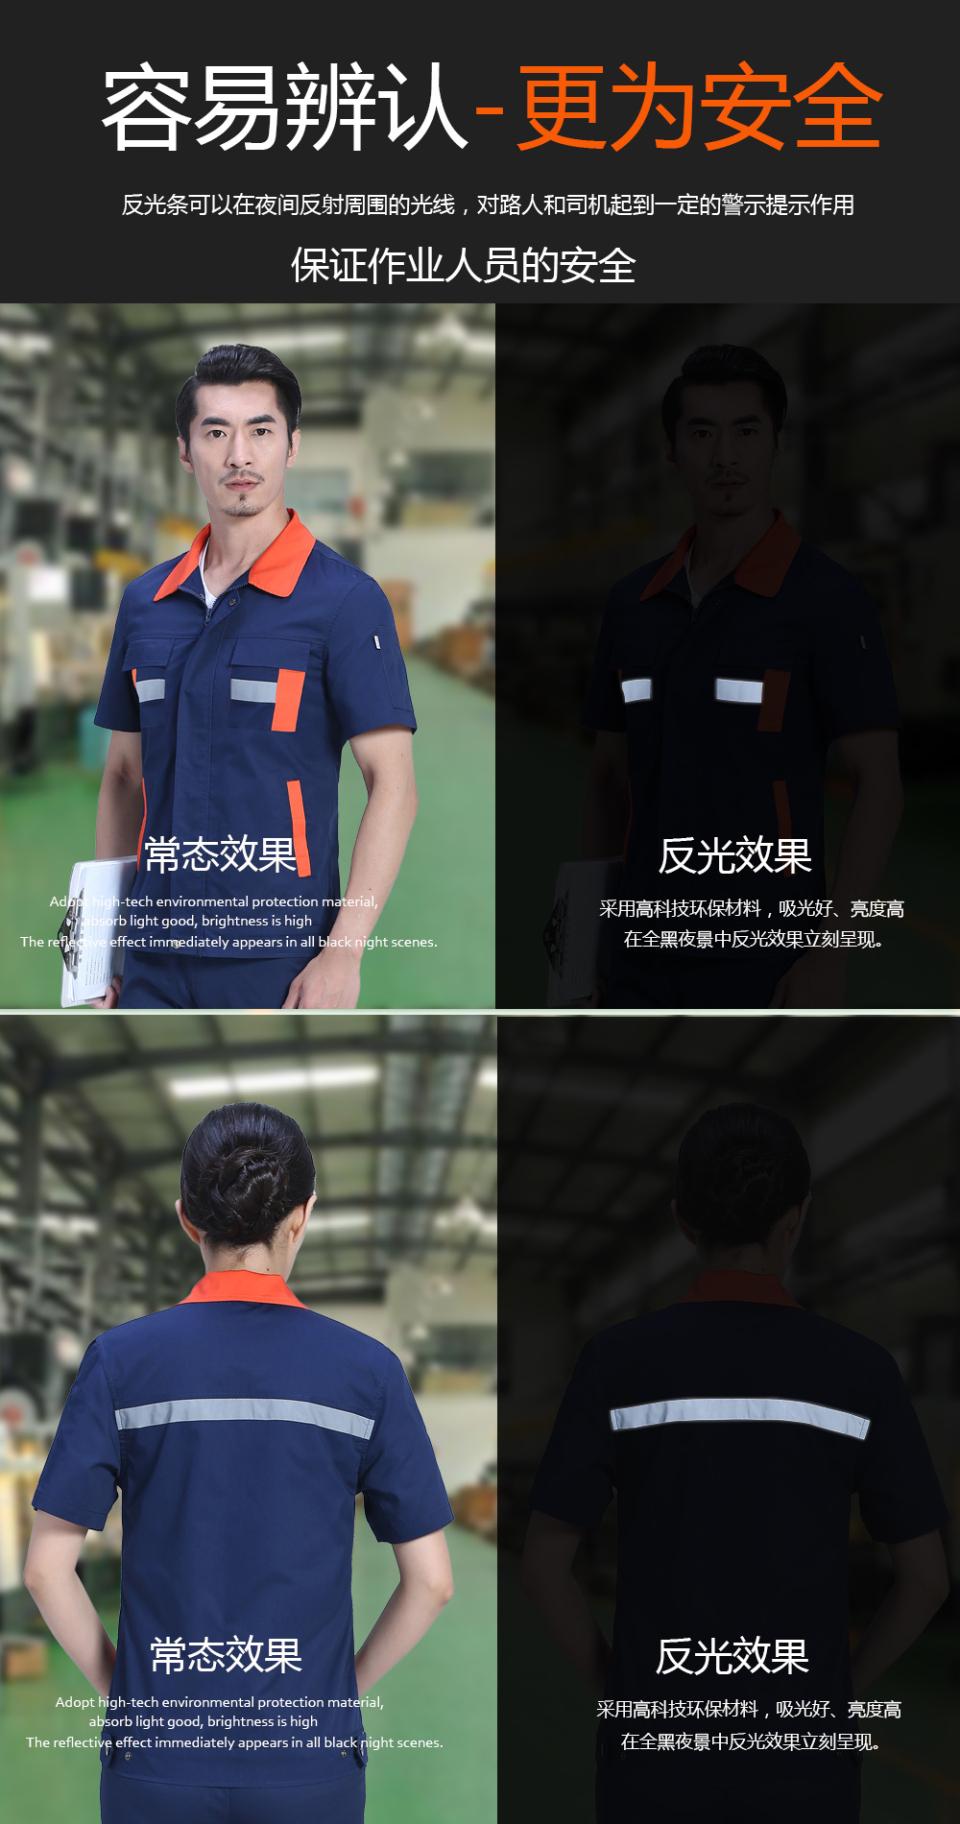 艳兰色夏季工服FY613